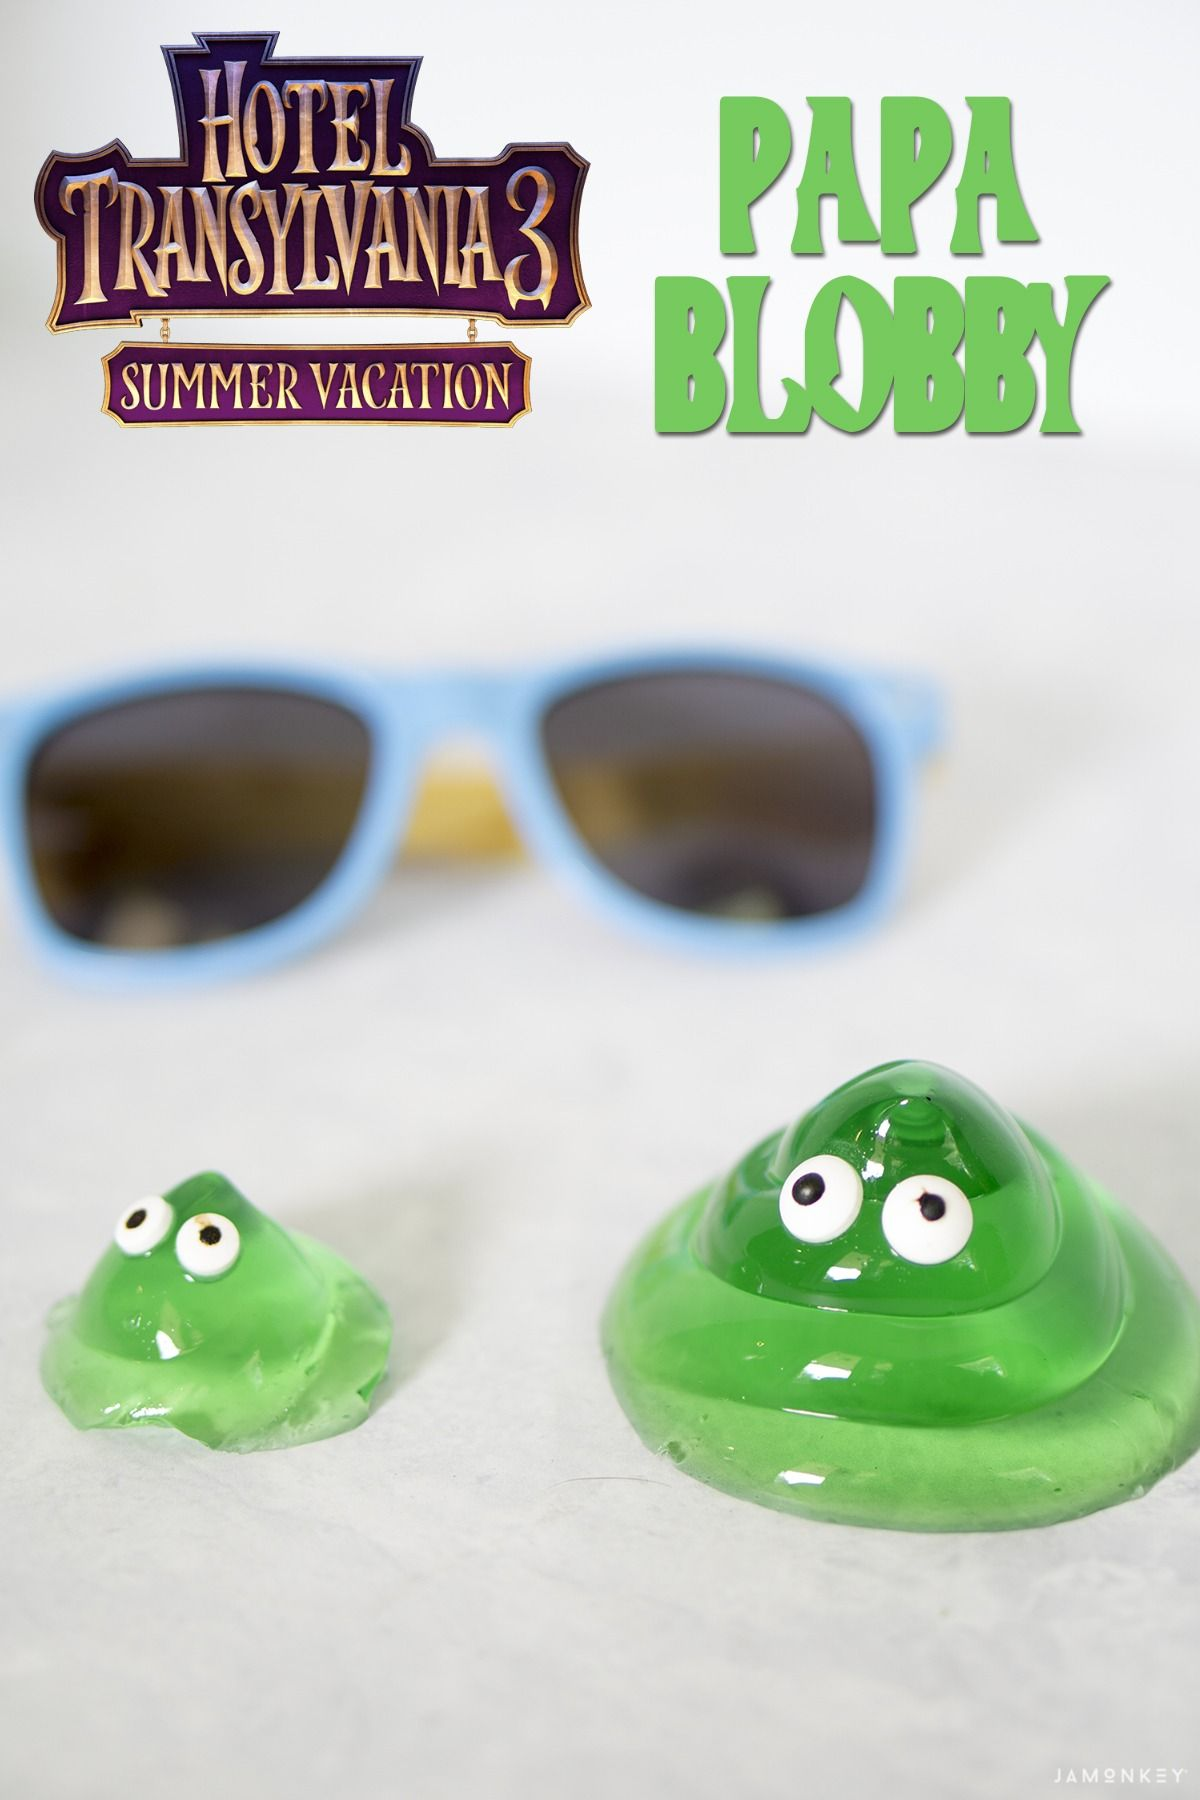 Papa Blobby Jello From Hotel Transylvania 3 Summer Vacation HotelT3 HotelTransylvania Recipe